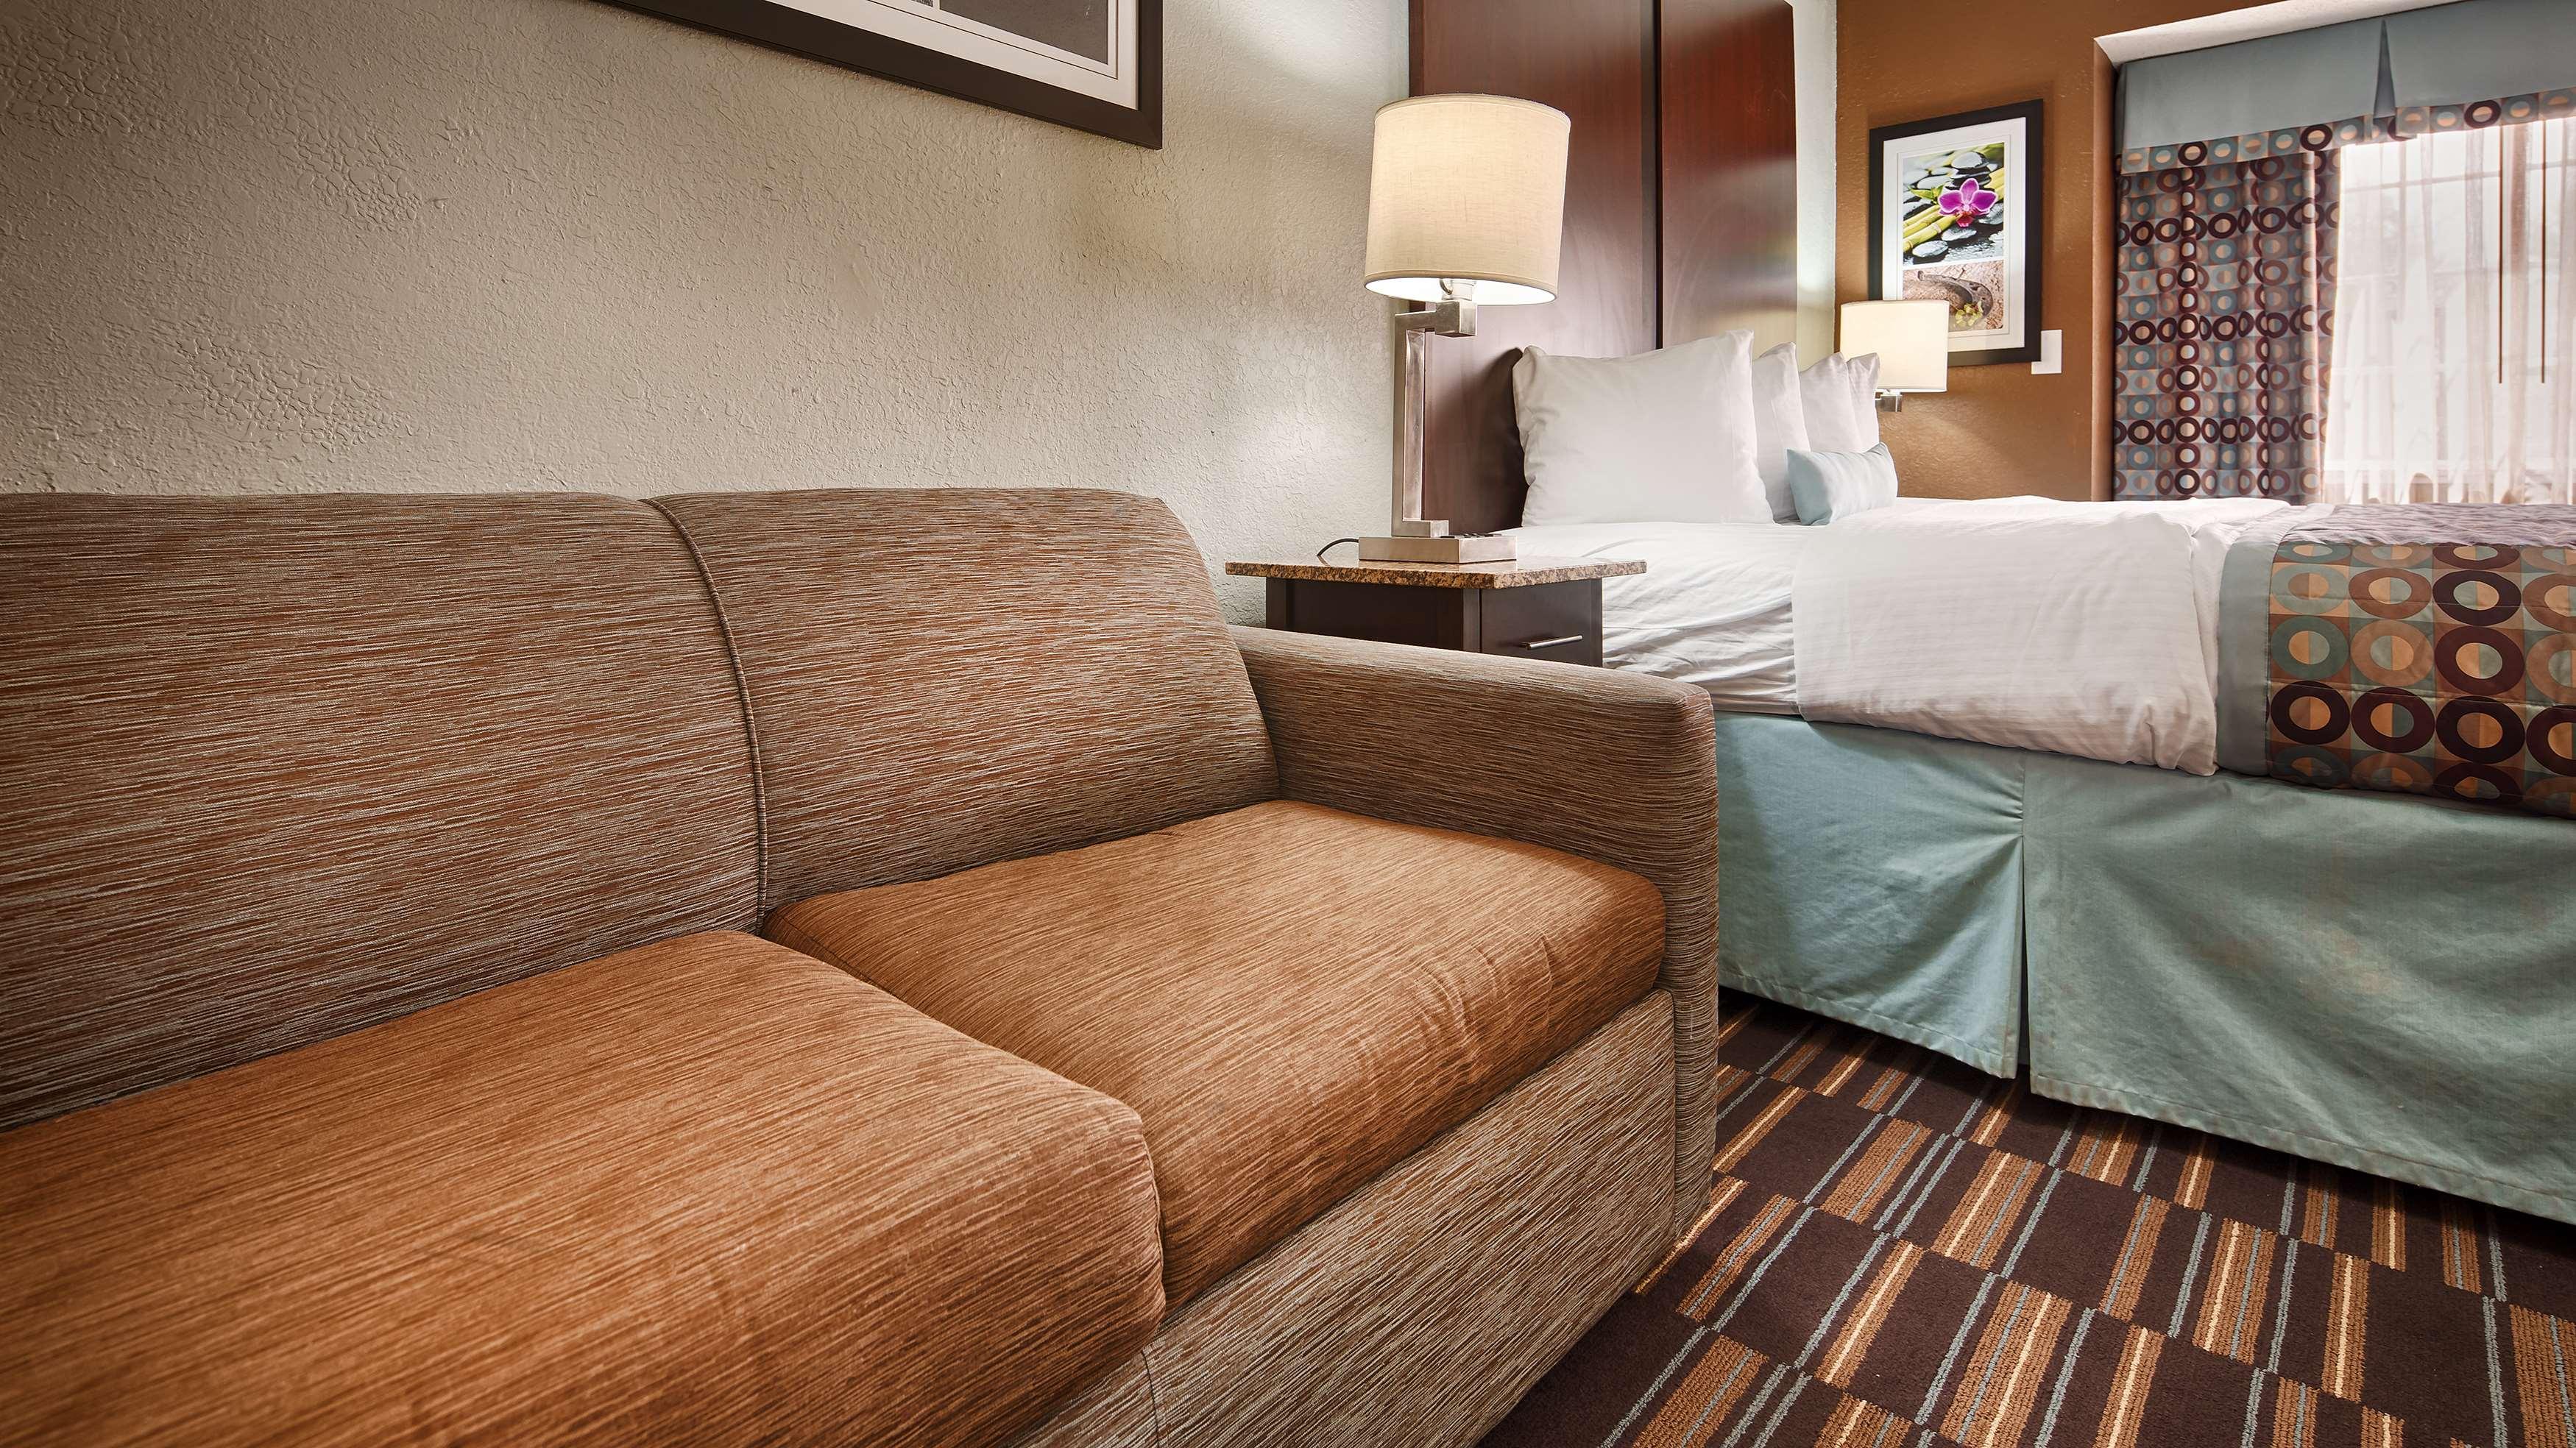 Best Western Plus Elizabeth City Inn & Suites image 42